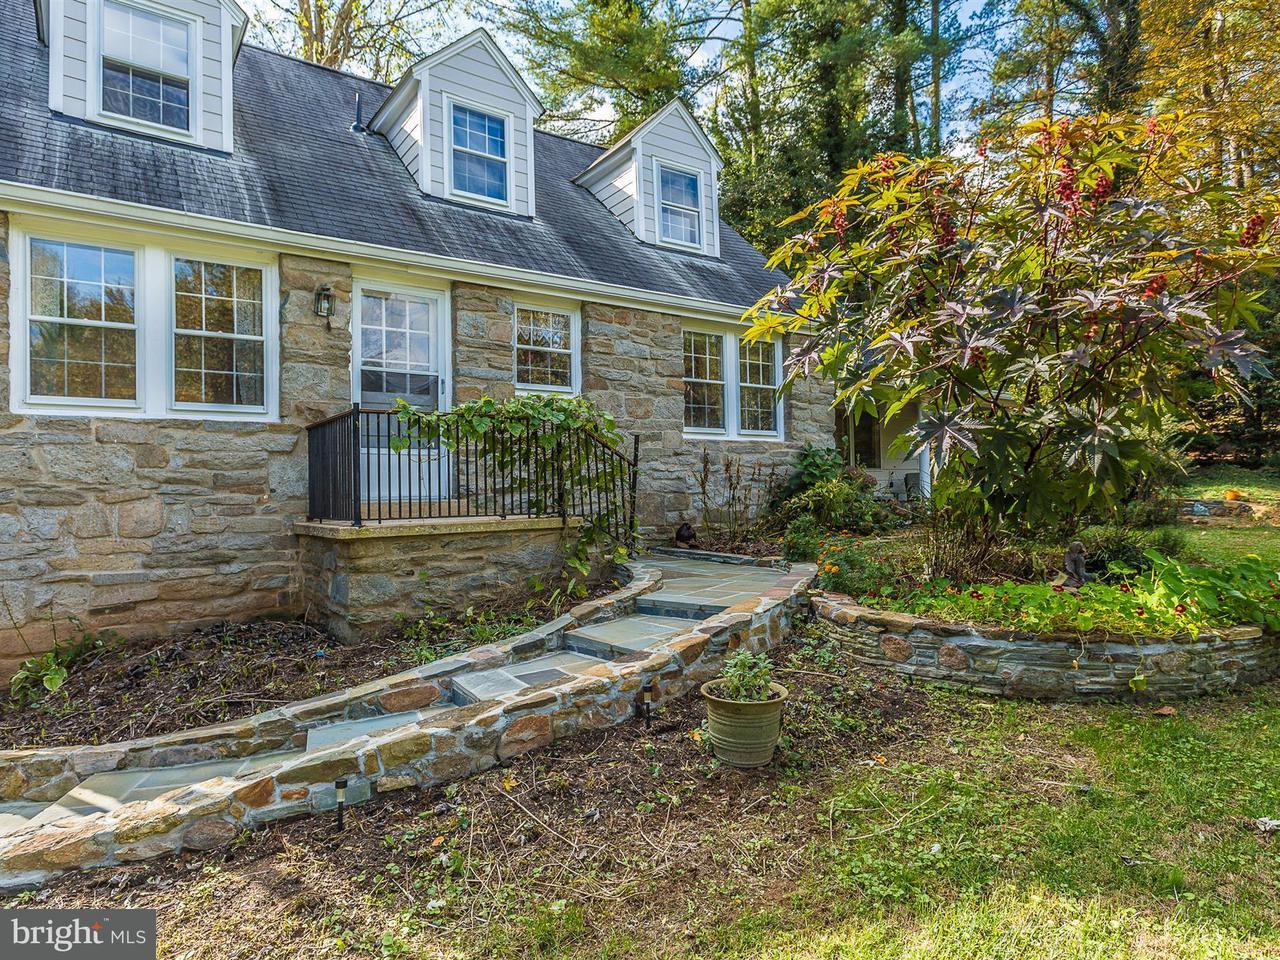 独户住宅 为 销售 在 17945 Bowie Mill Road 17945 Bowie Mill Road Derwood, 马里兰州 20855 美国